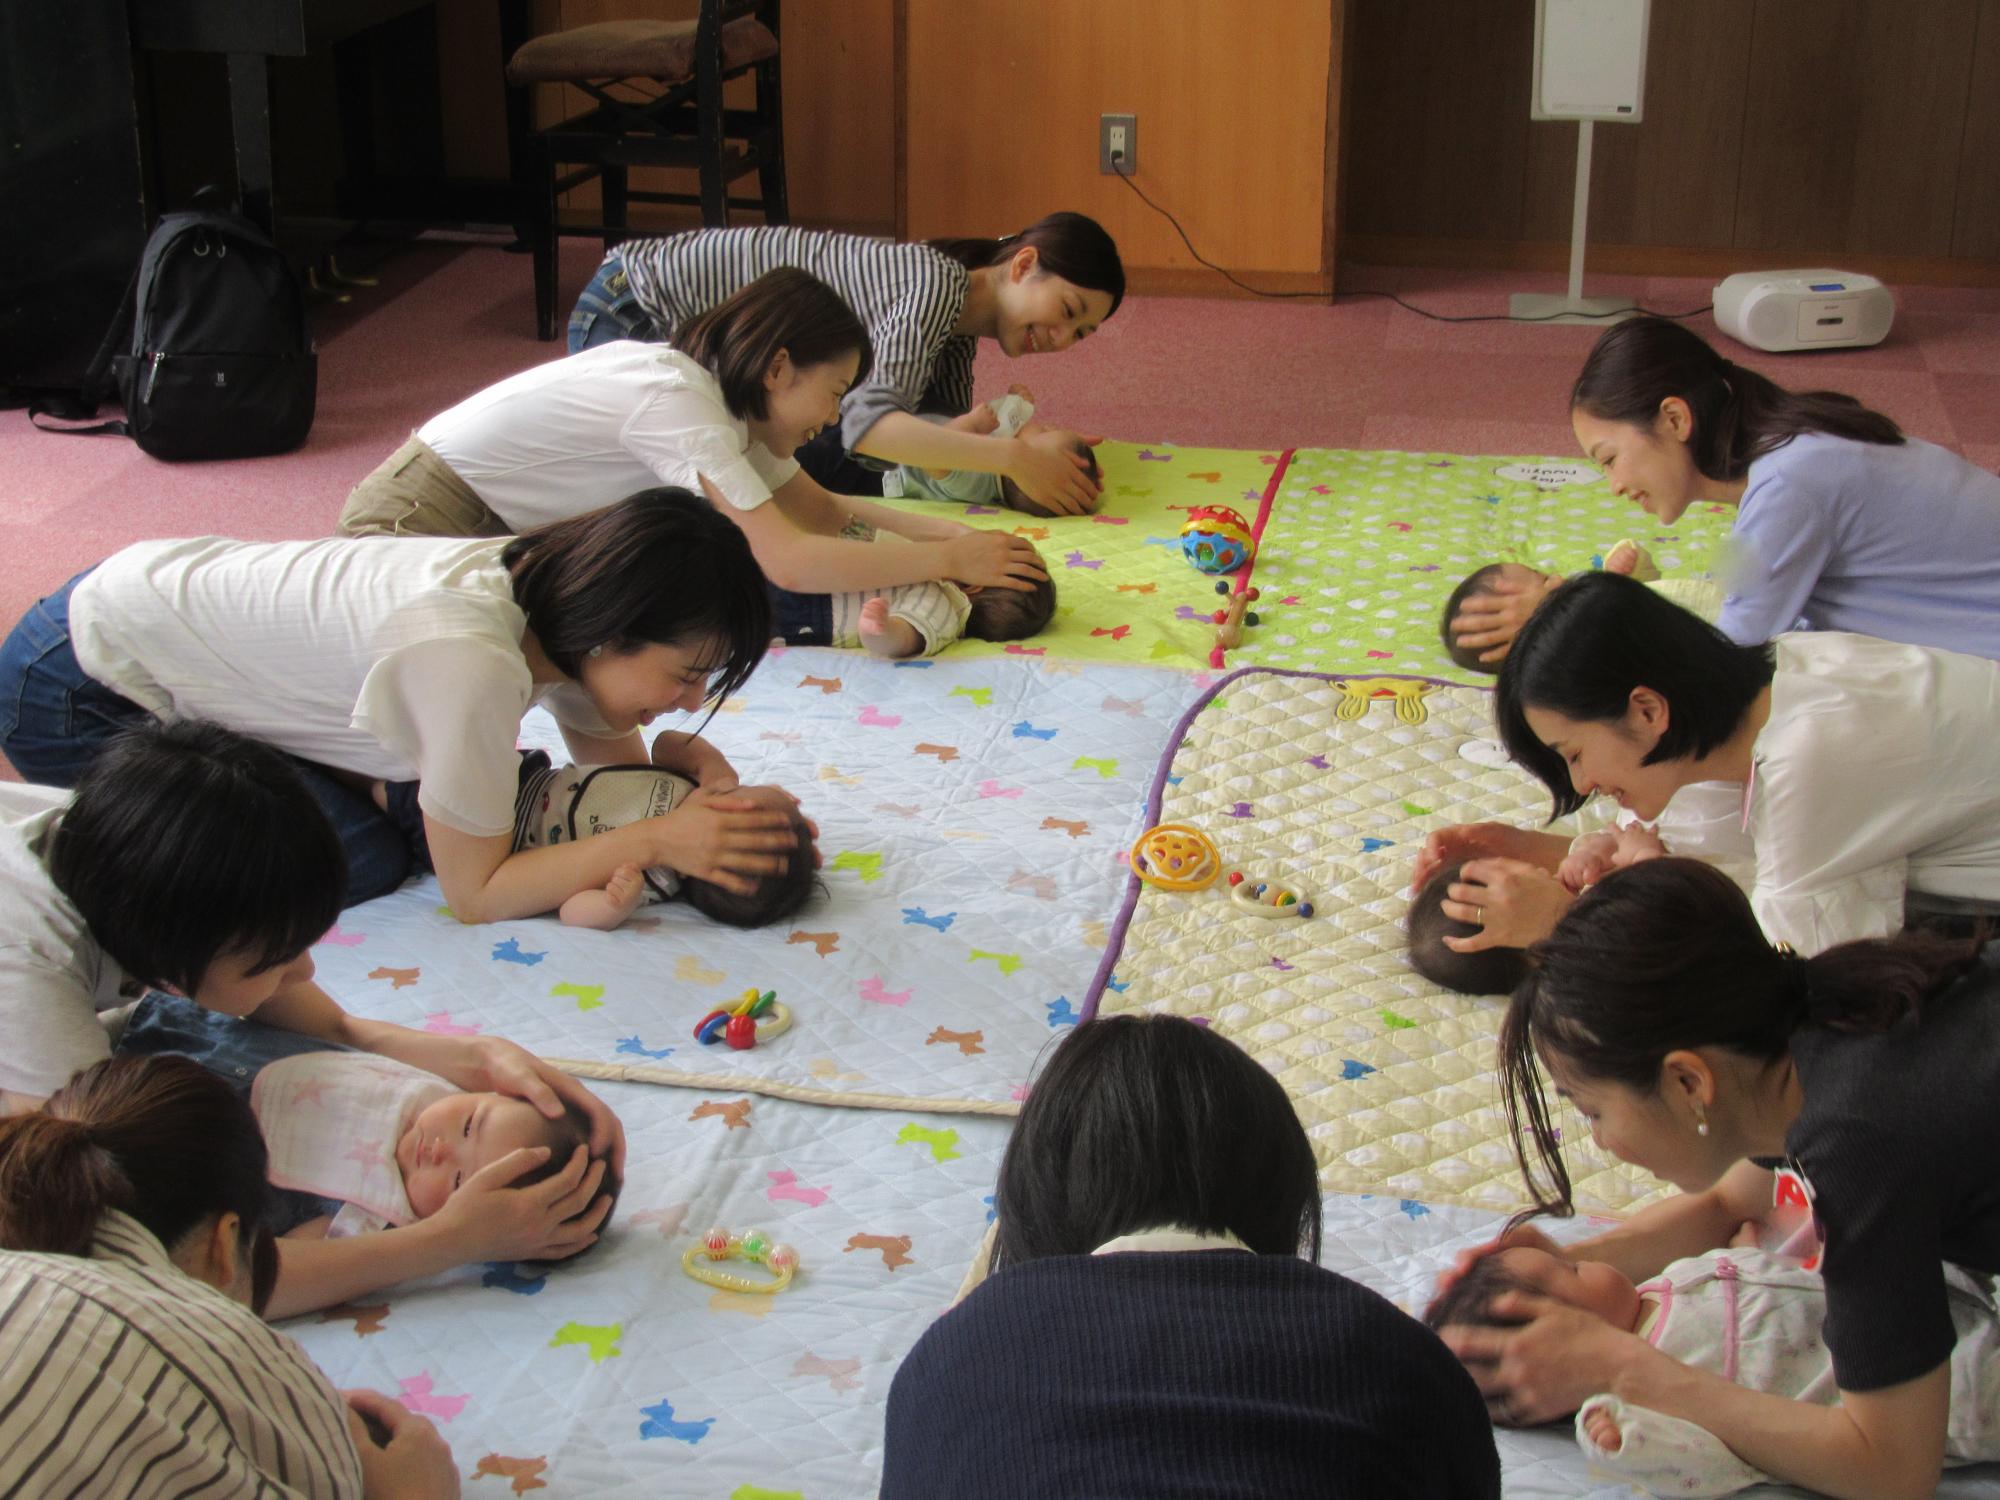 神戸市立六甲道児童館「あかちゃんのお部屋(2~8か月程度)」